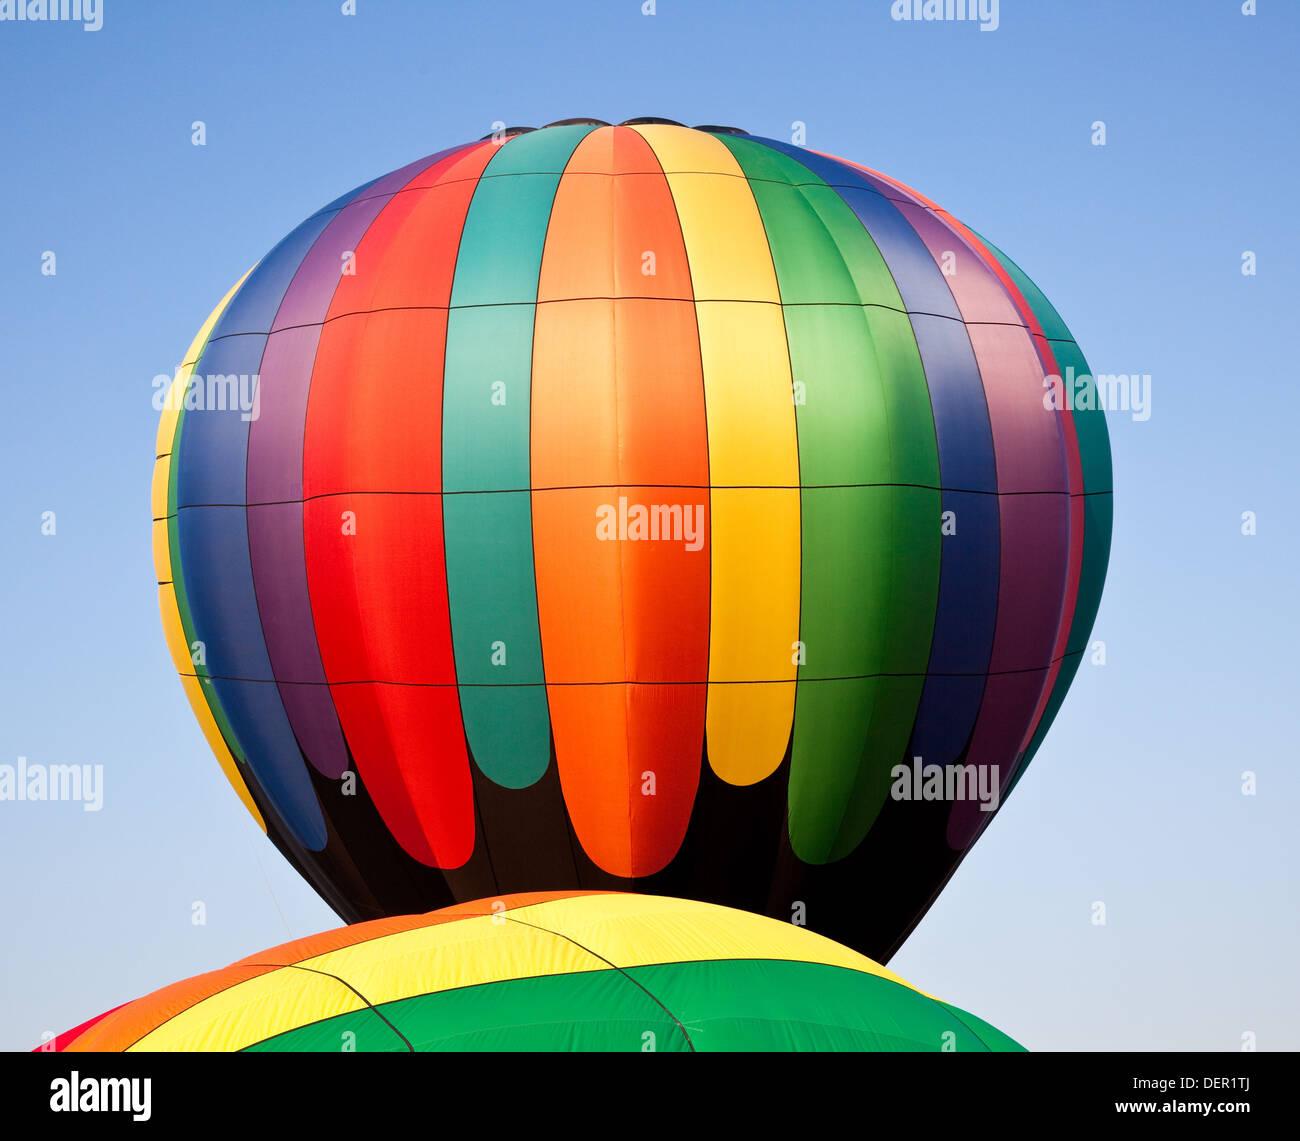 Hot air balloons - Stock Image